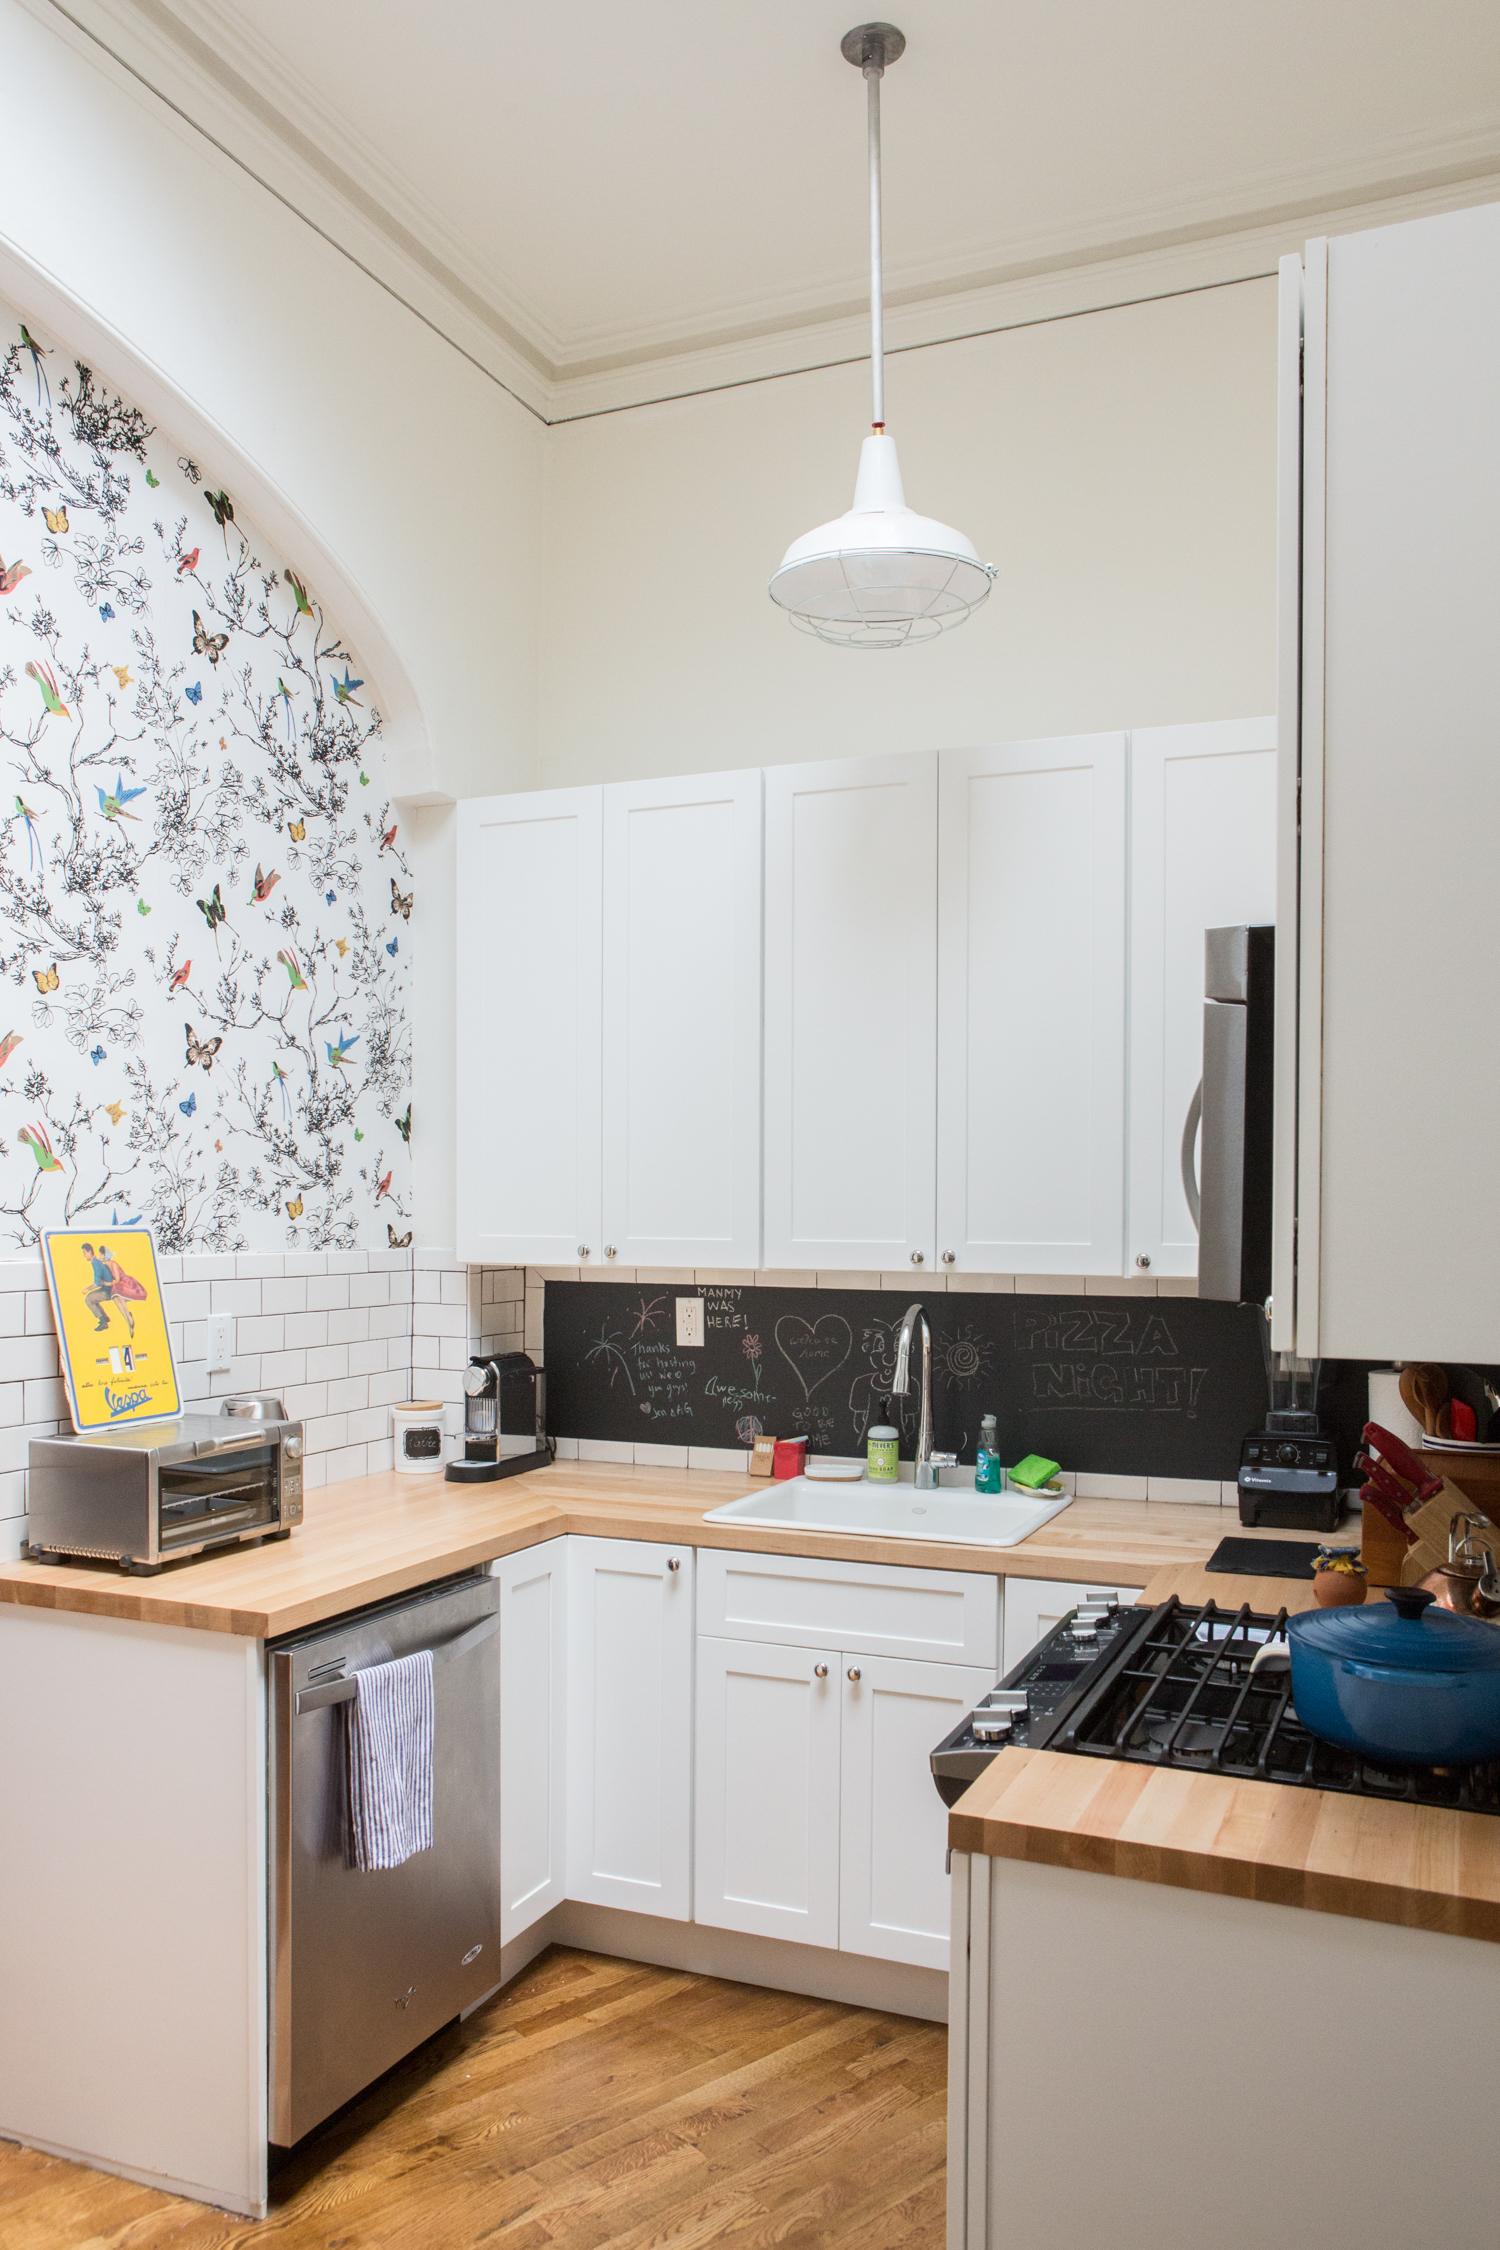 Charlie_Wachtel_kitchen_12.jpg